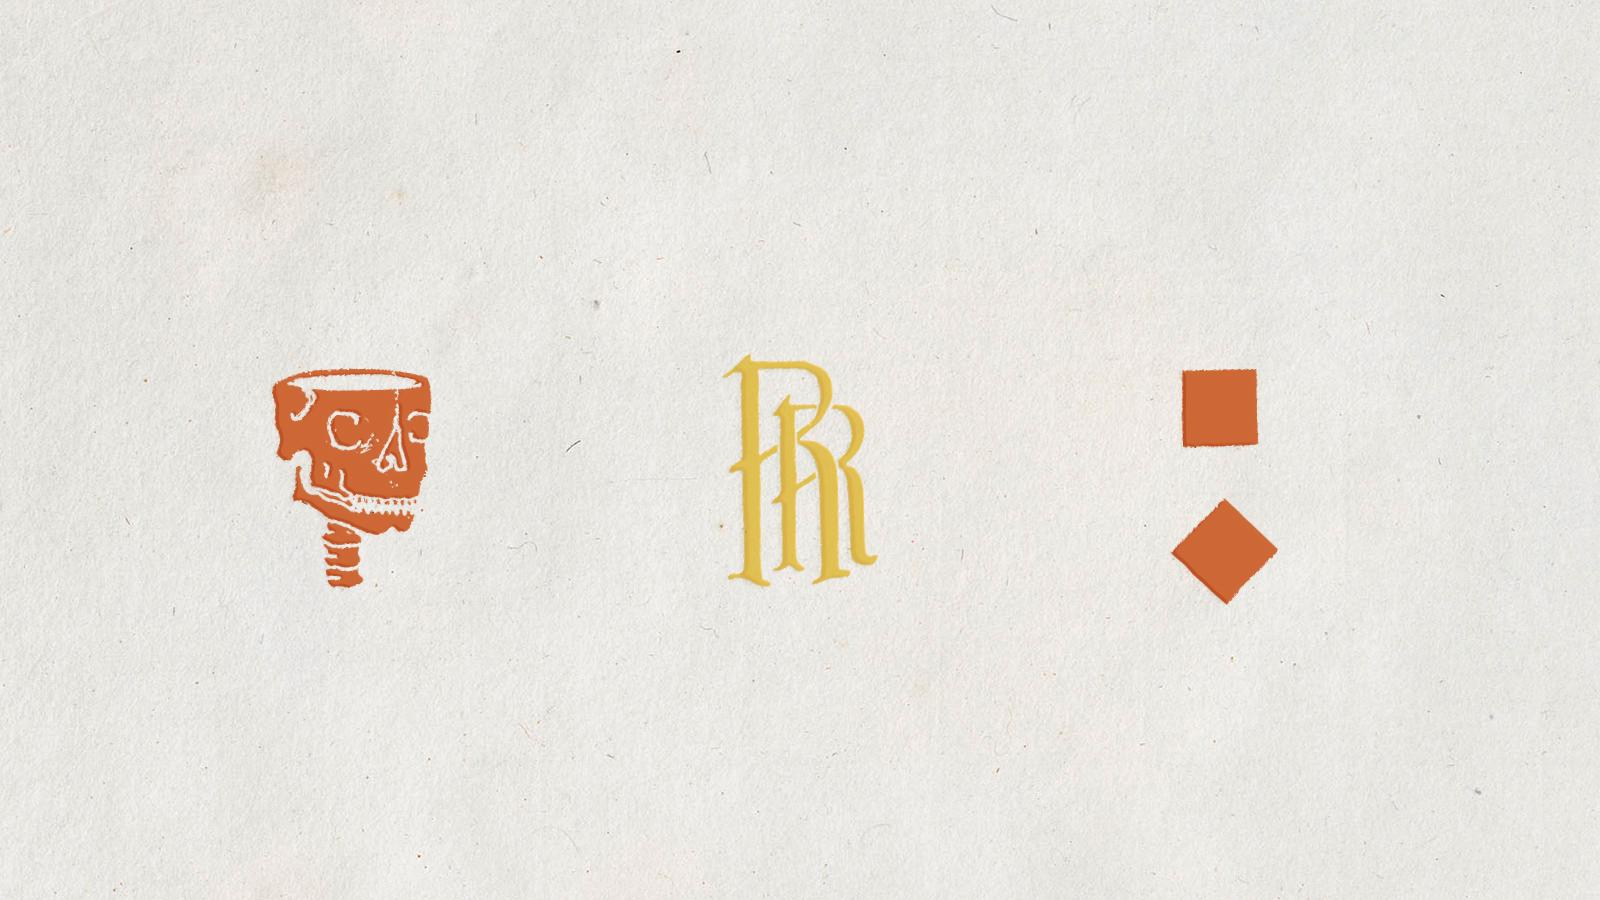 rebelandrosedetails.jpg